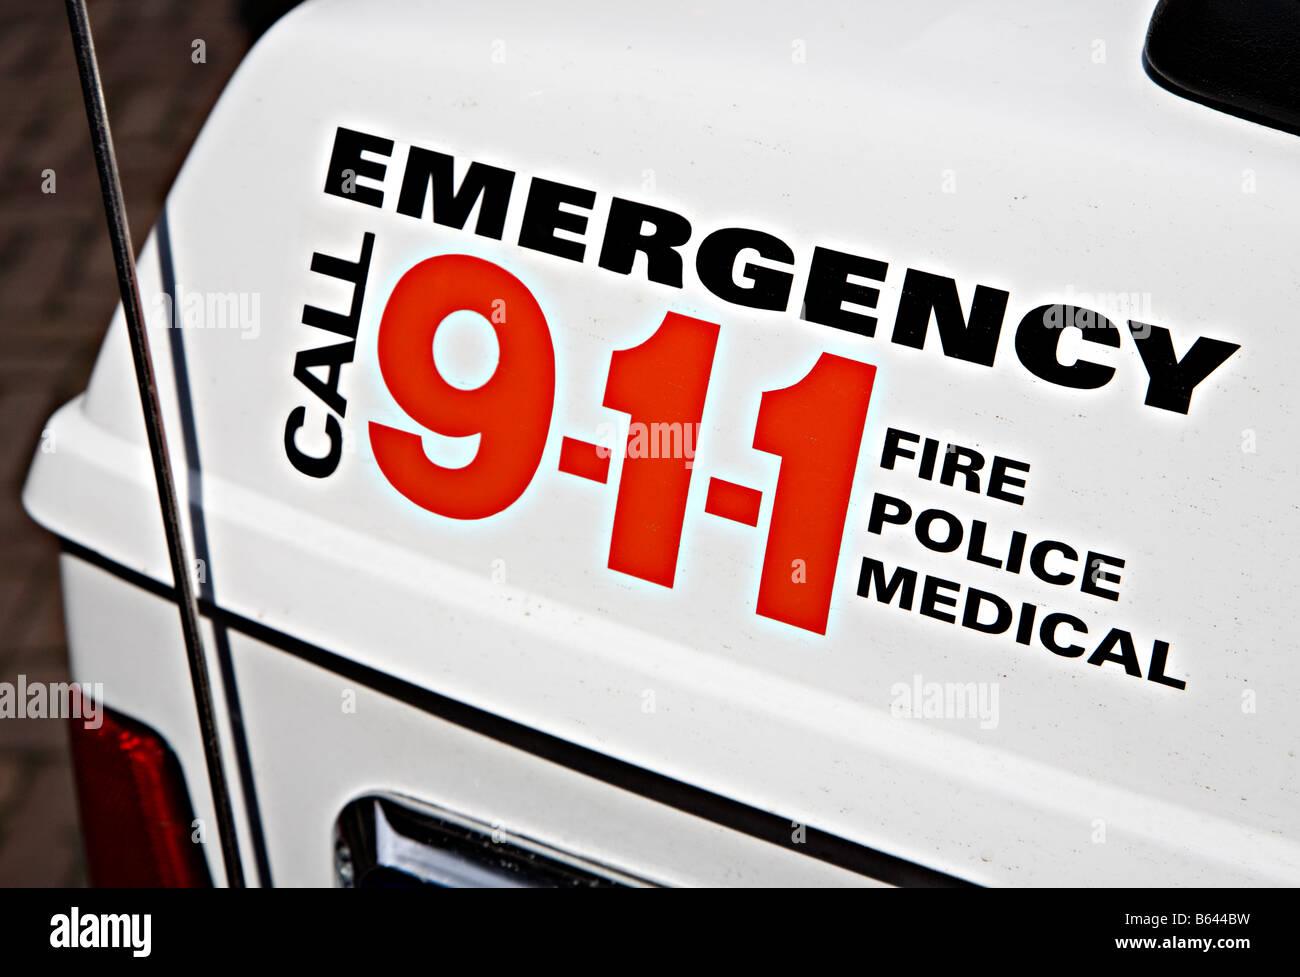 Emergency Telephone Usa Stock Photos Amp Emergency Telephone Usa Stock Images